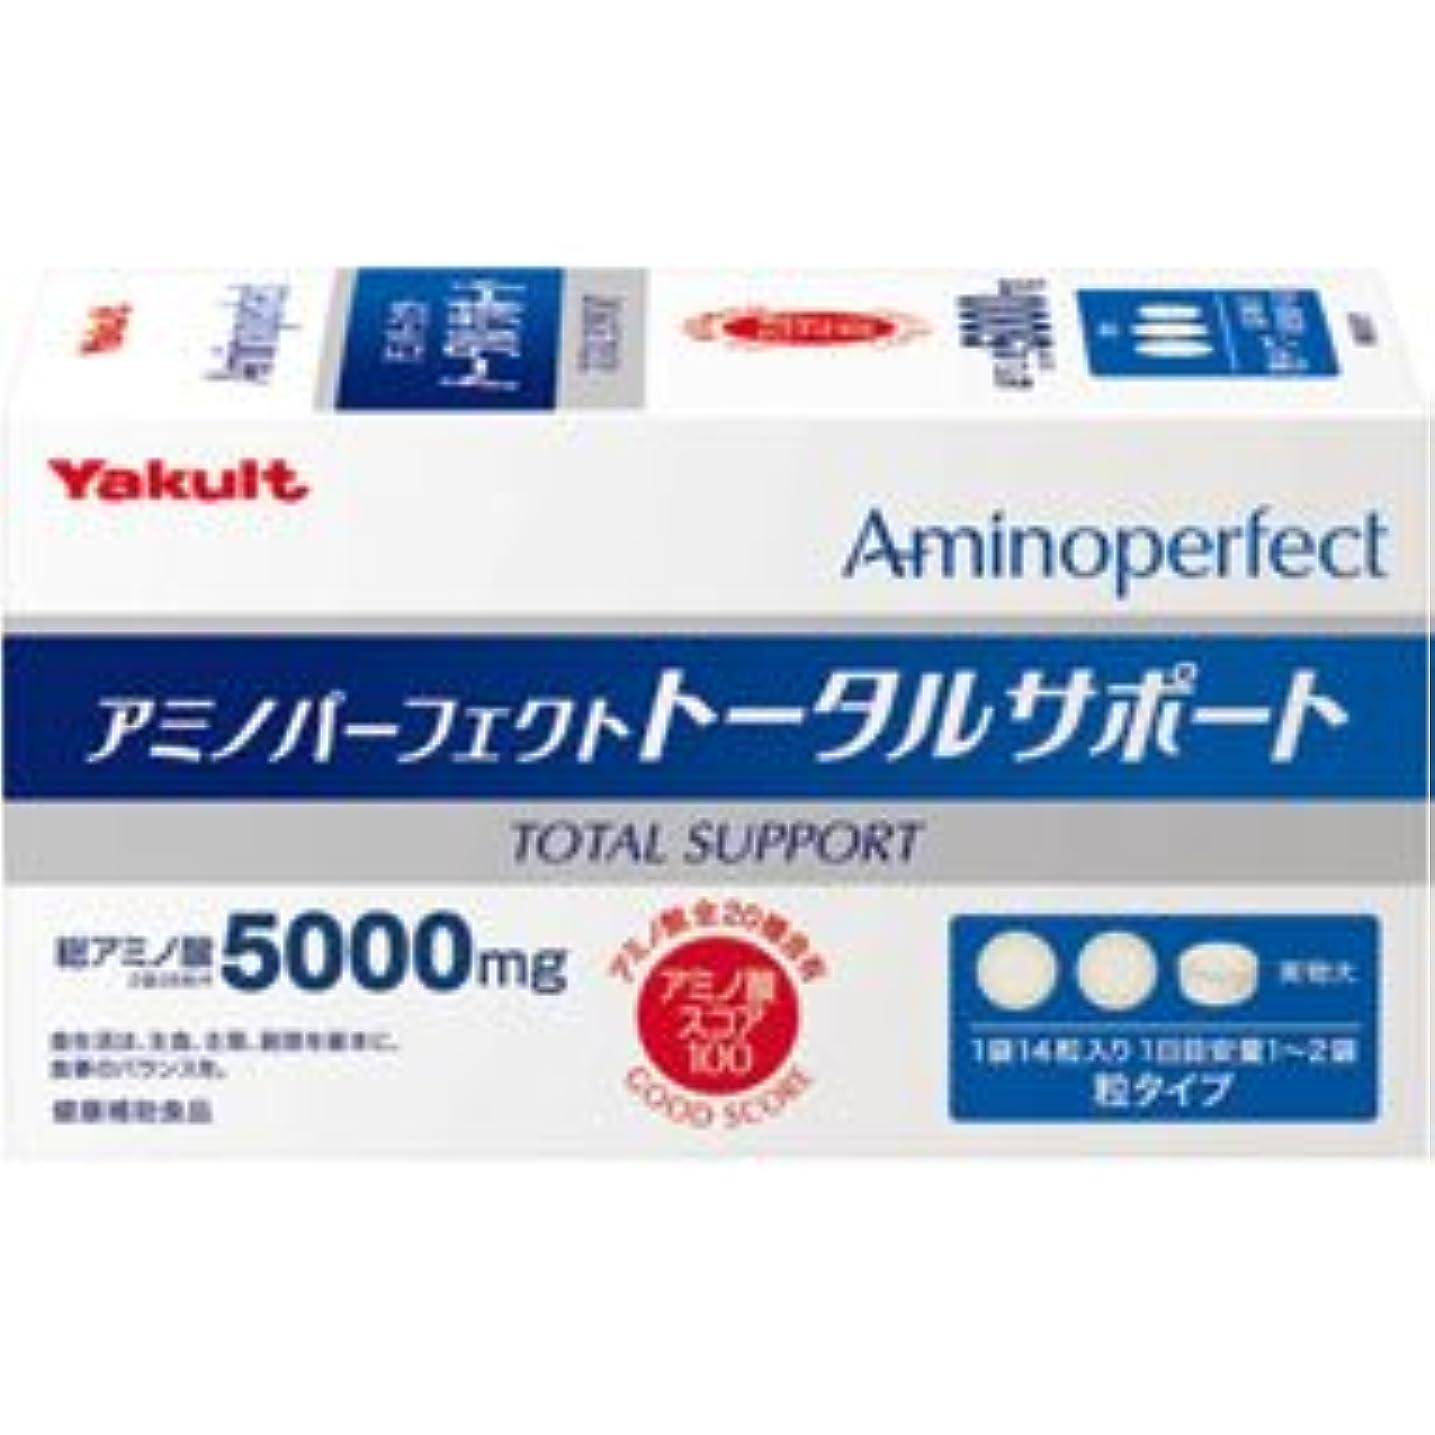 焦がす仕事規制アミノパーフェクト トータルサポート14粒×30袋 2個パック